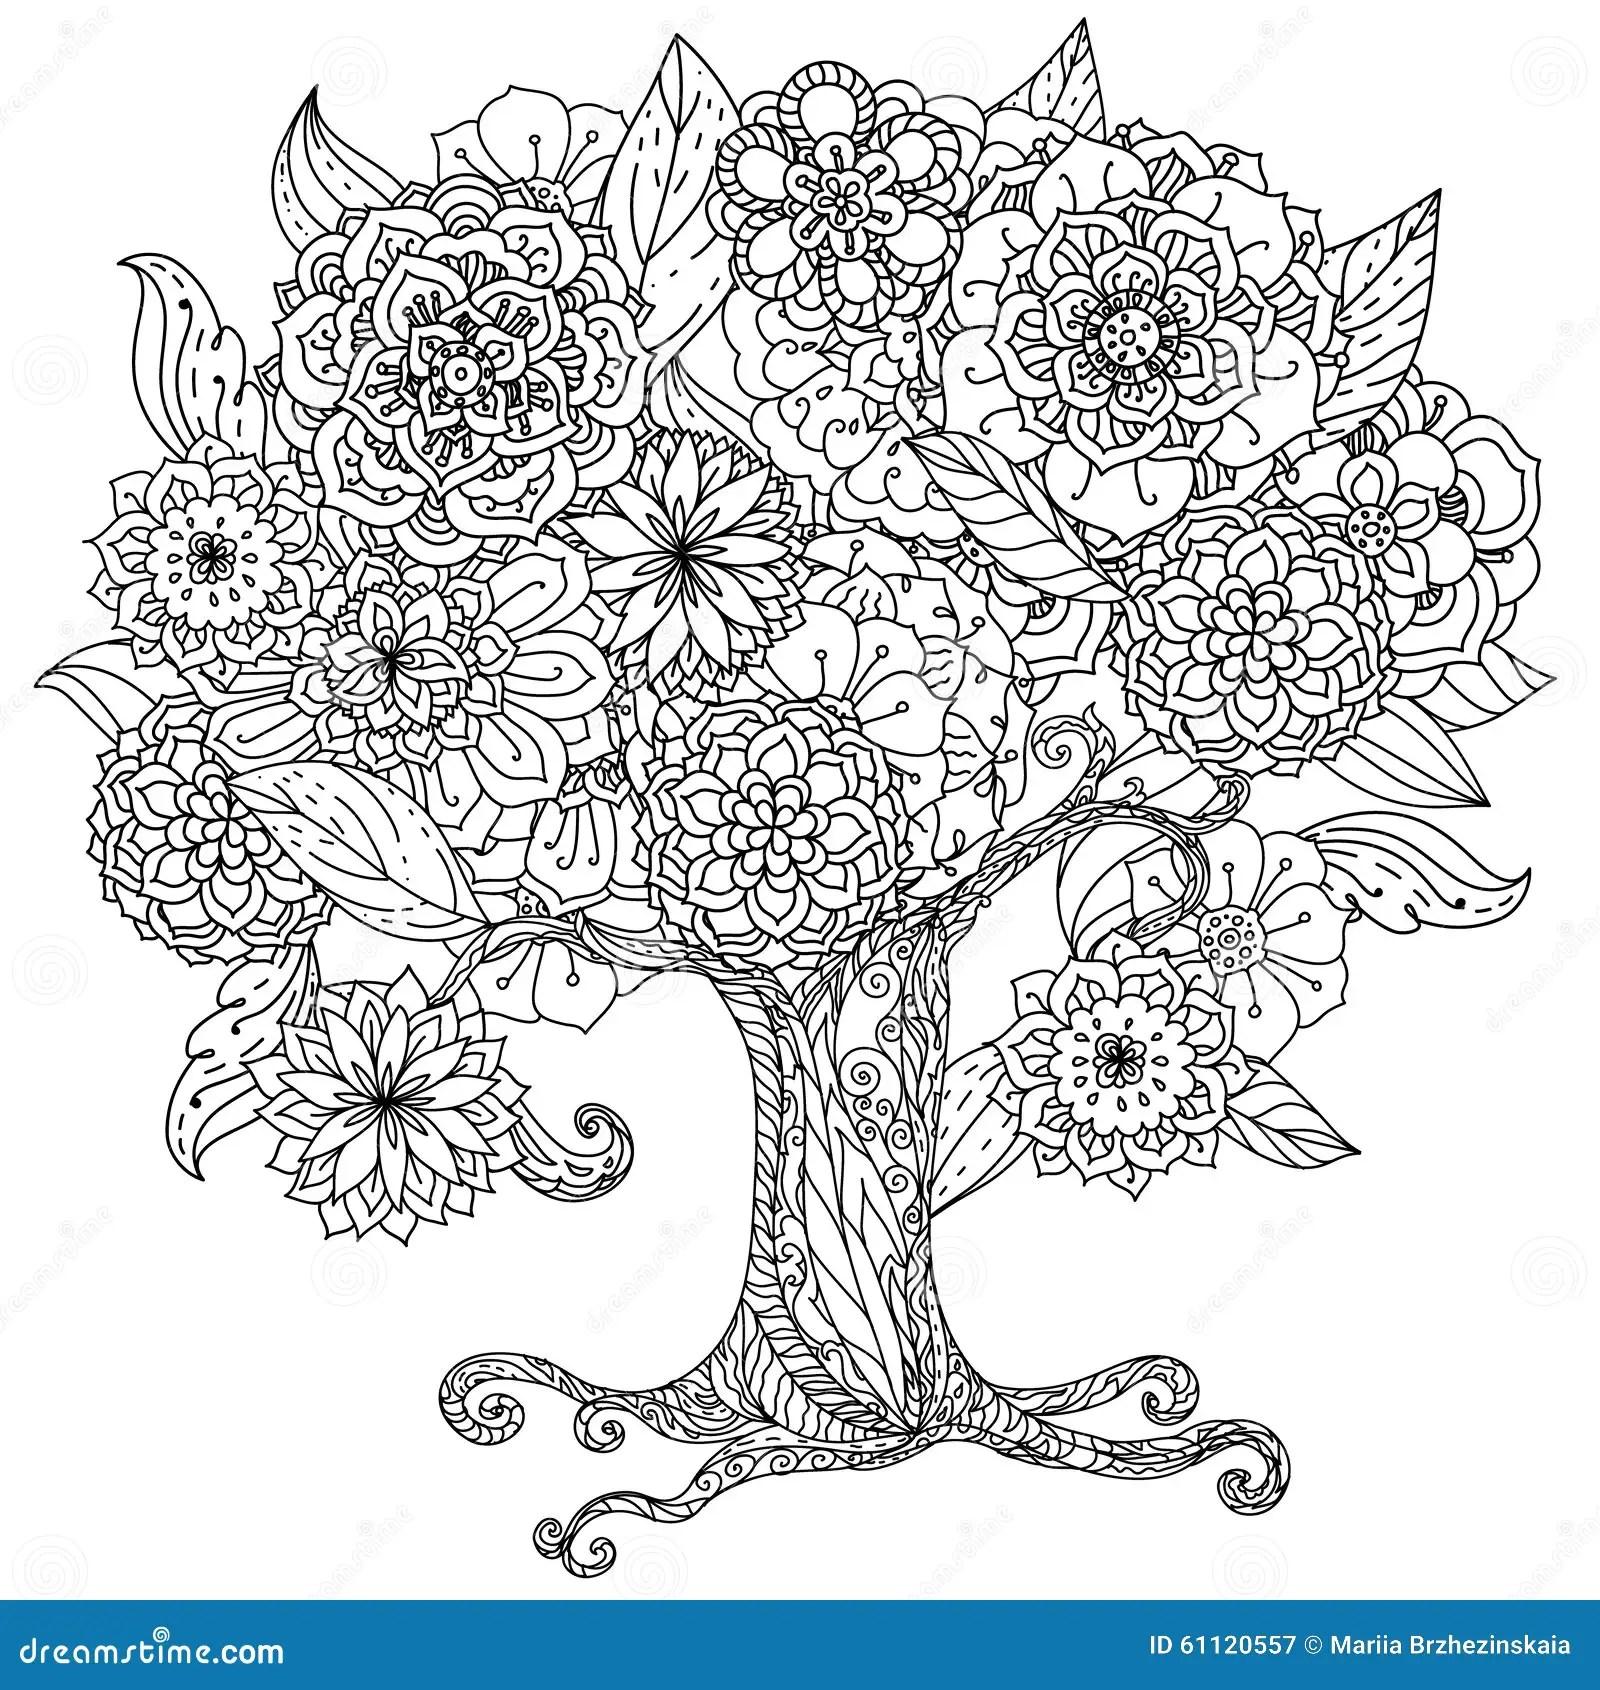 Kreisorient Blumenschwarzweiss Vektor Abbildung